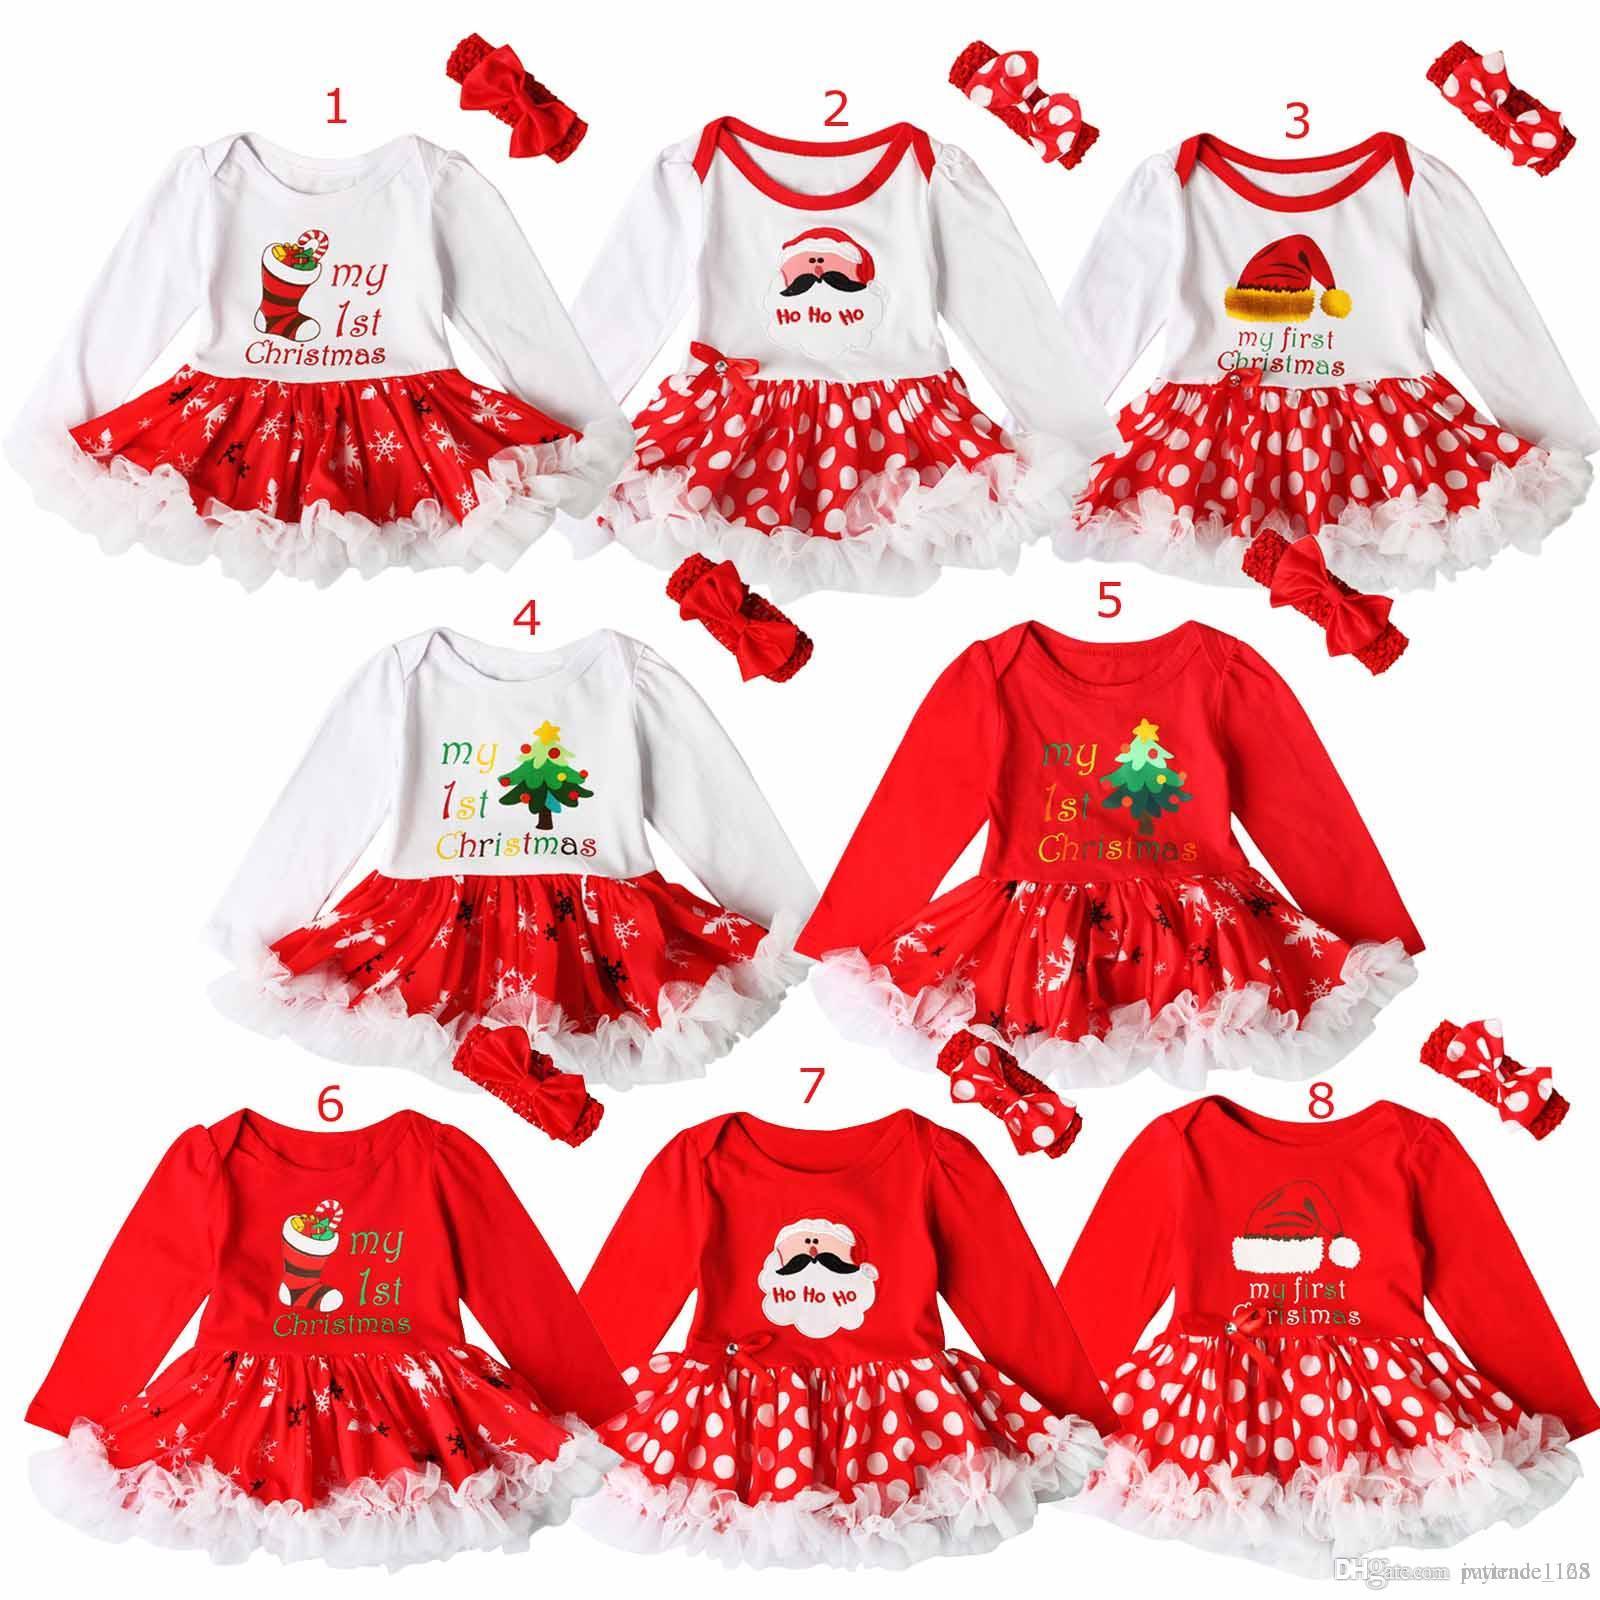 1ac2d71bf Fiesta de Navidad CALIENTE Bebé mameluco conjunto Navidad Papá Noel  Arranque carta impresión Diseño mameluco de manga larga vestido tutu  diadema ...